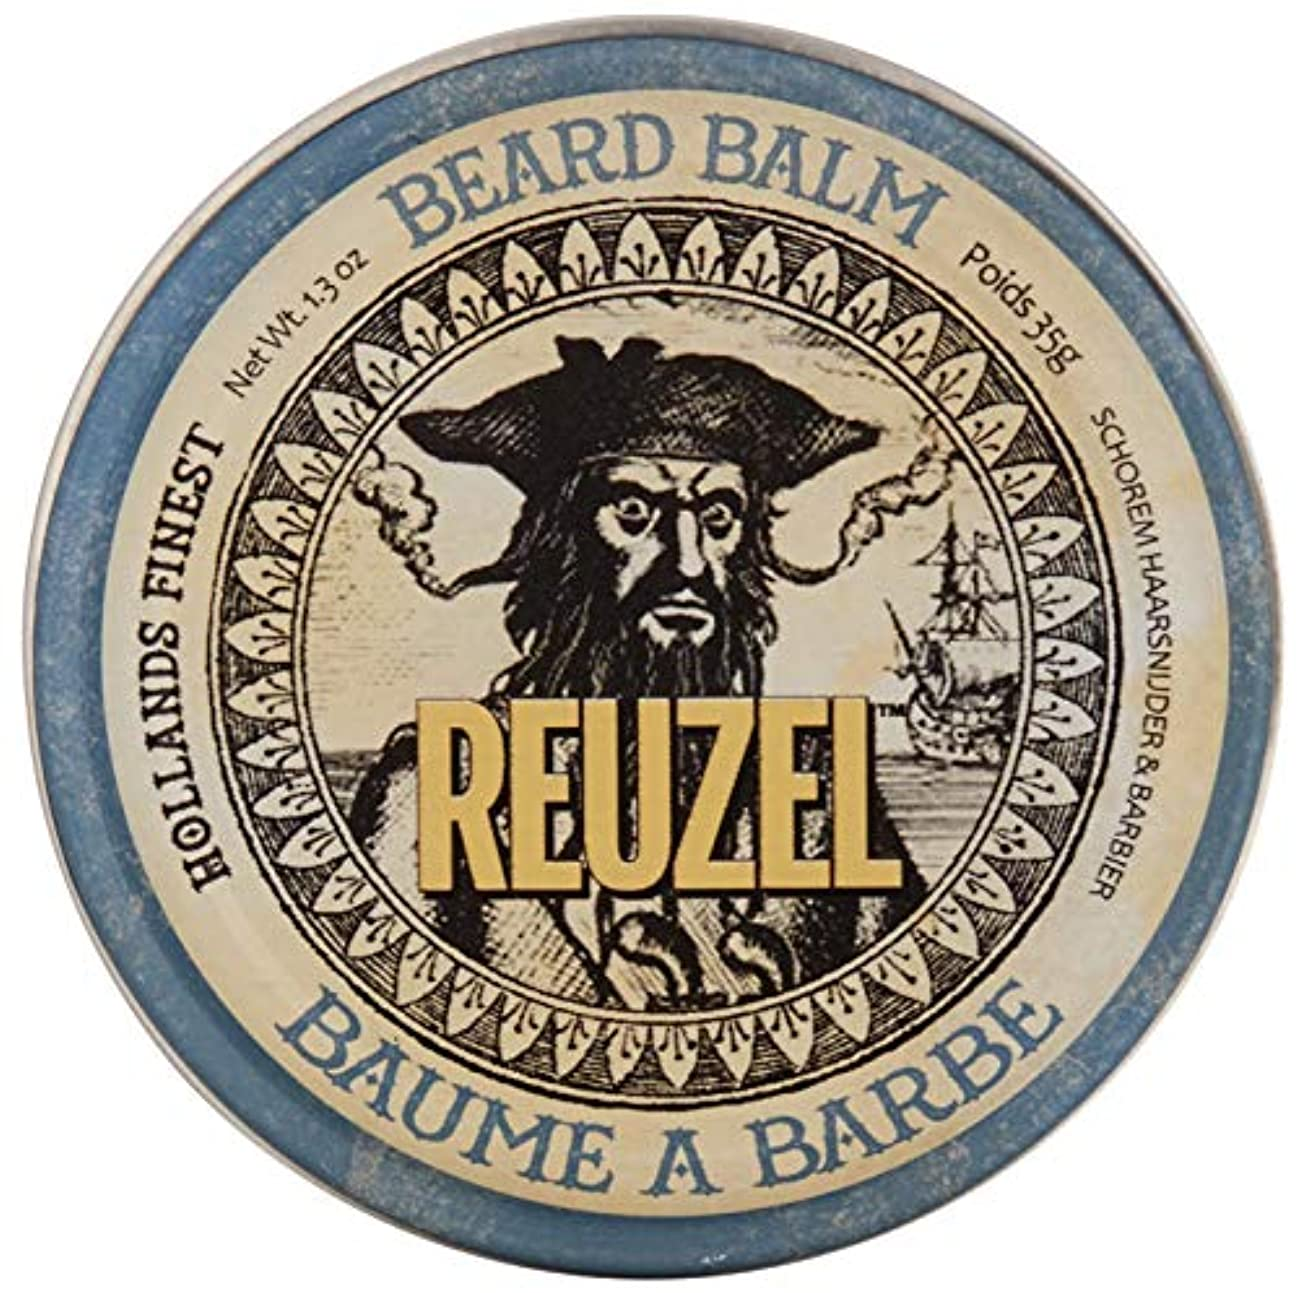 良心的食物心のこもったreuzel BEARD BALM 1.3 oz by REUZEL